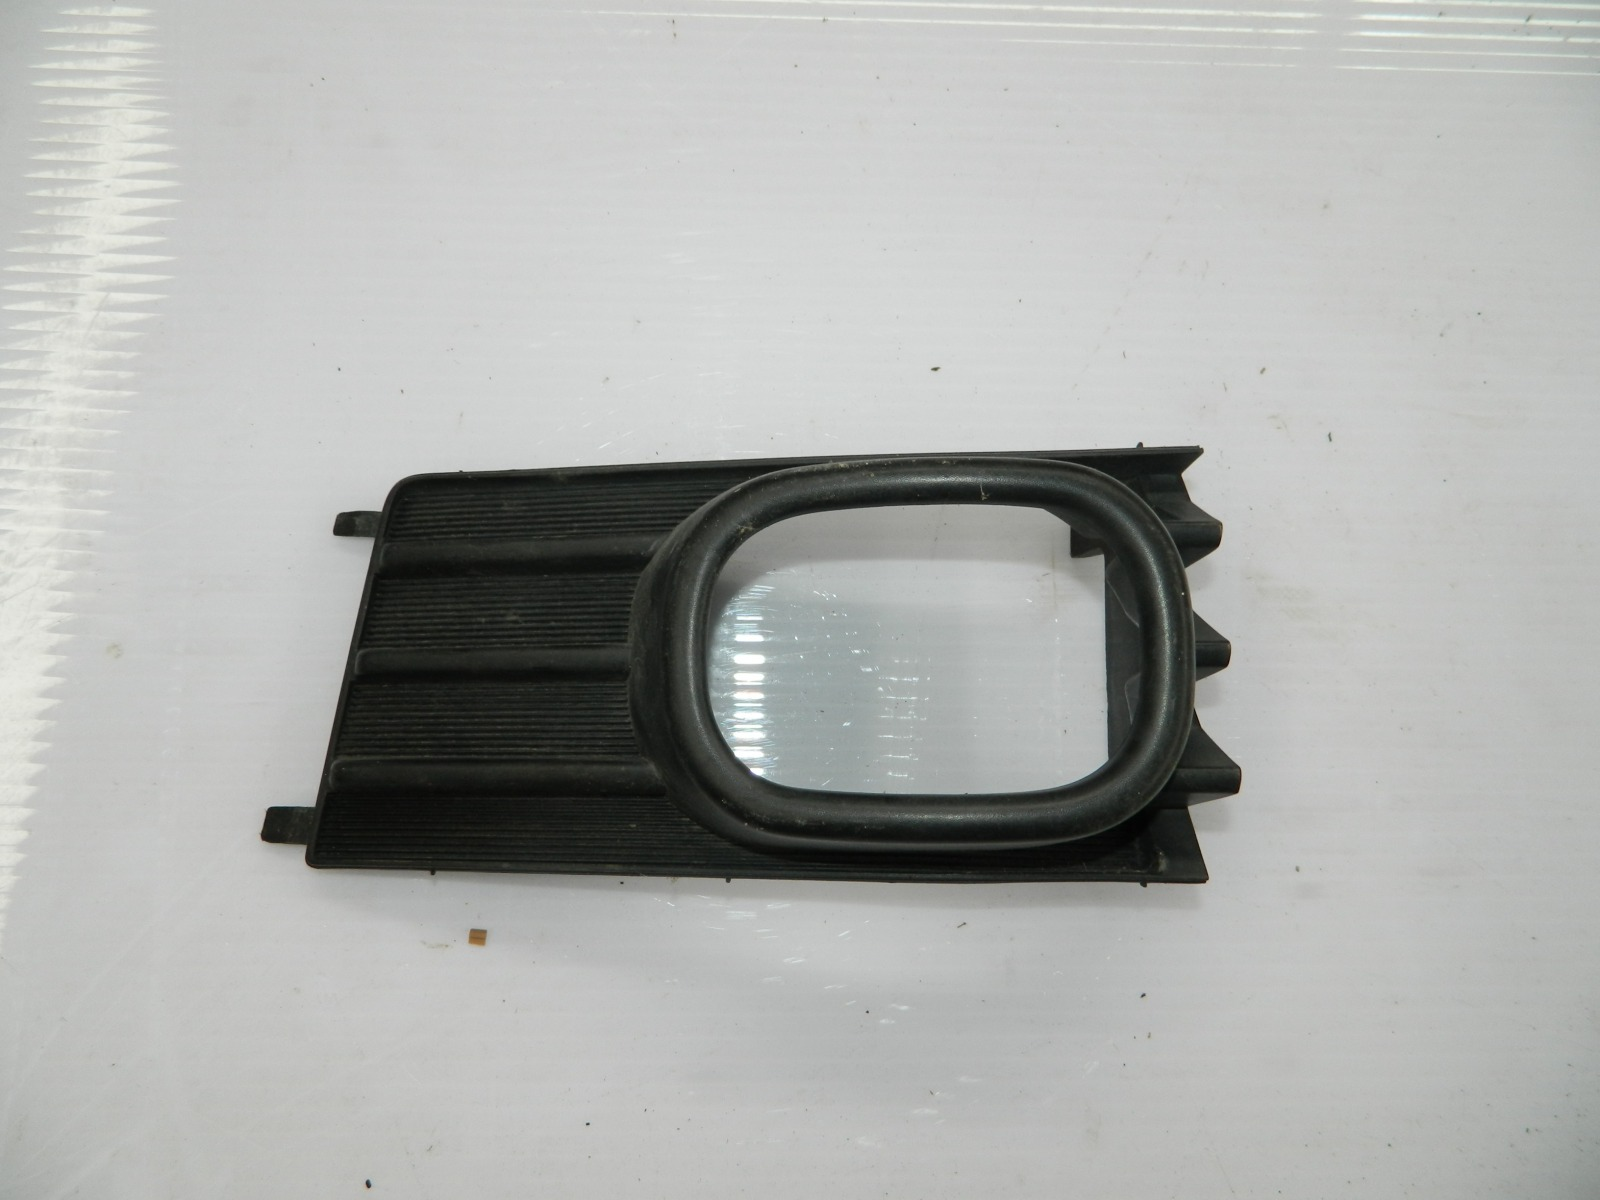 Рамка противотуманной фары Nissan Wingroad Y11 правая (б/у)